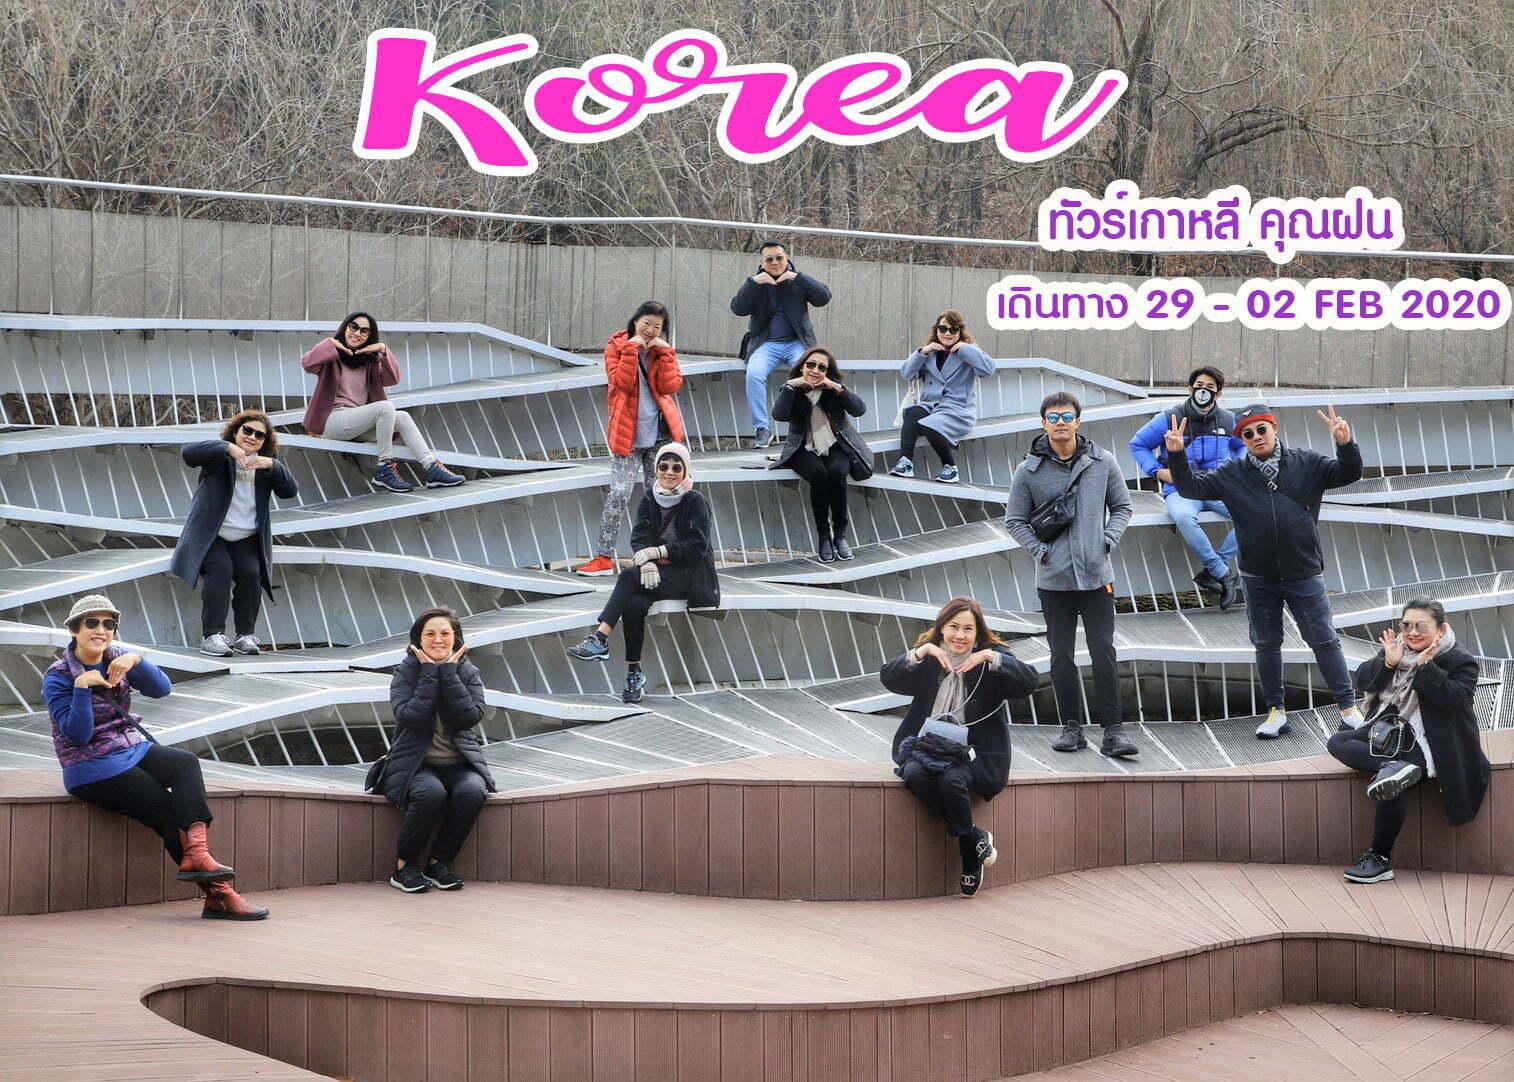 รีวิวจากลูกค้า ทัวร์เกาหลี คุณฝน เดินทาง 29-2 FEB 2020